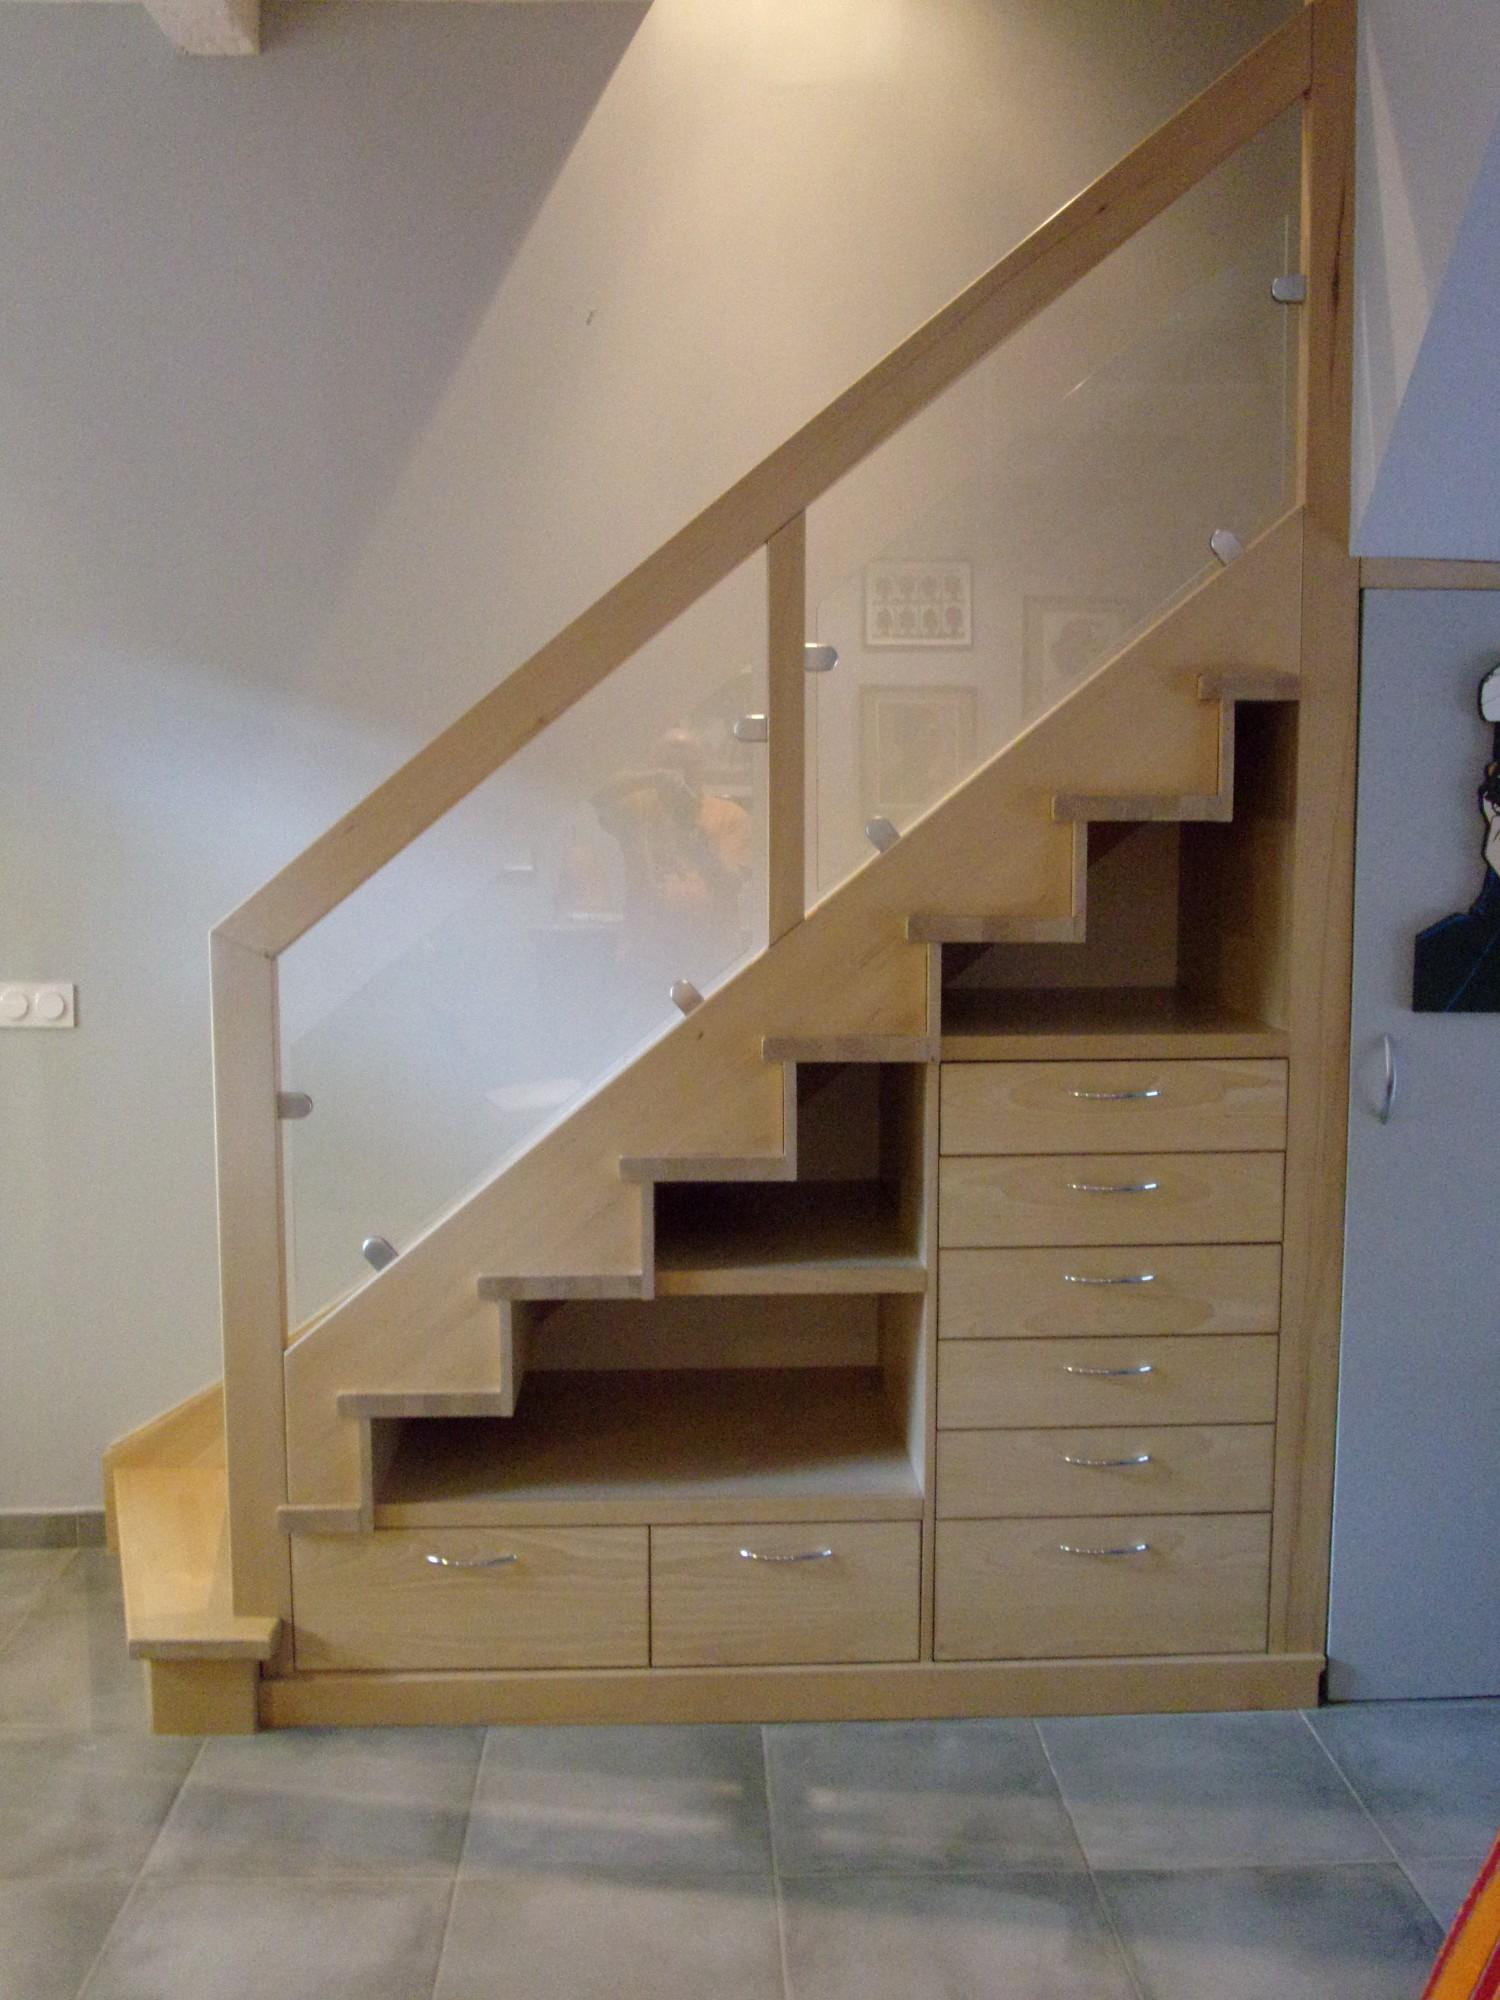 Escalier bois avec rangement - MENUISERIE MD Marseille - Menuiserie MD